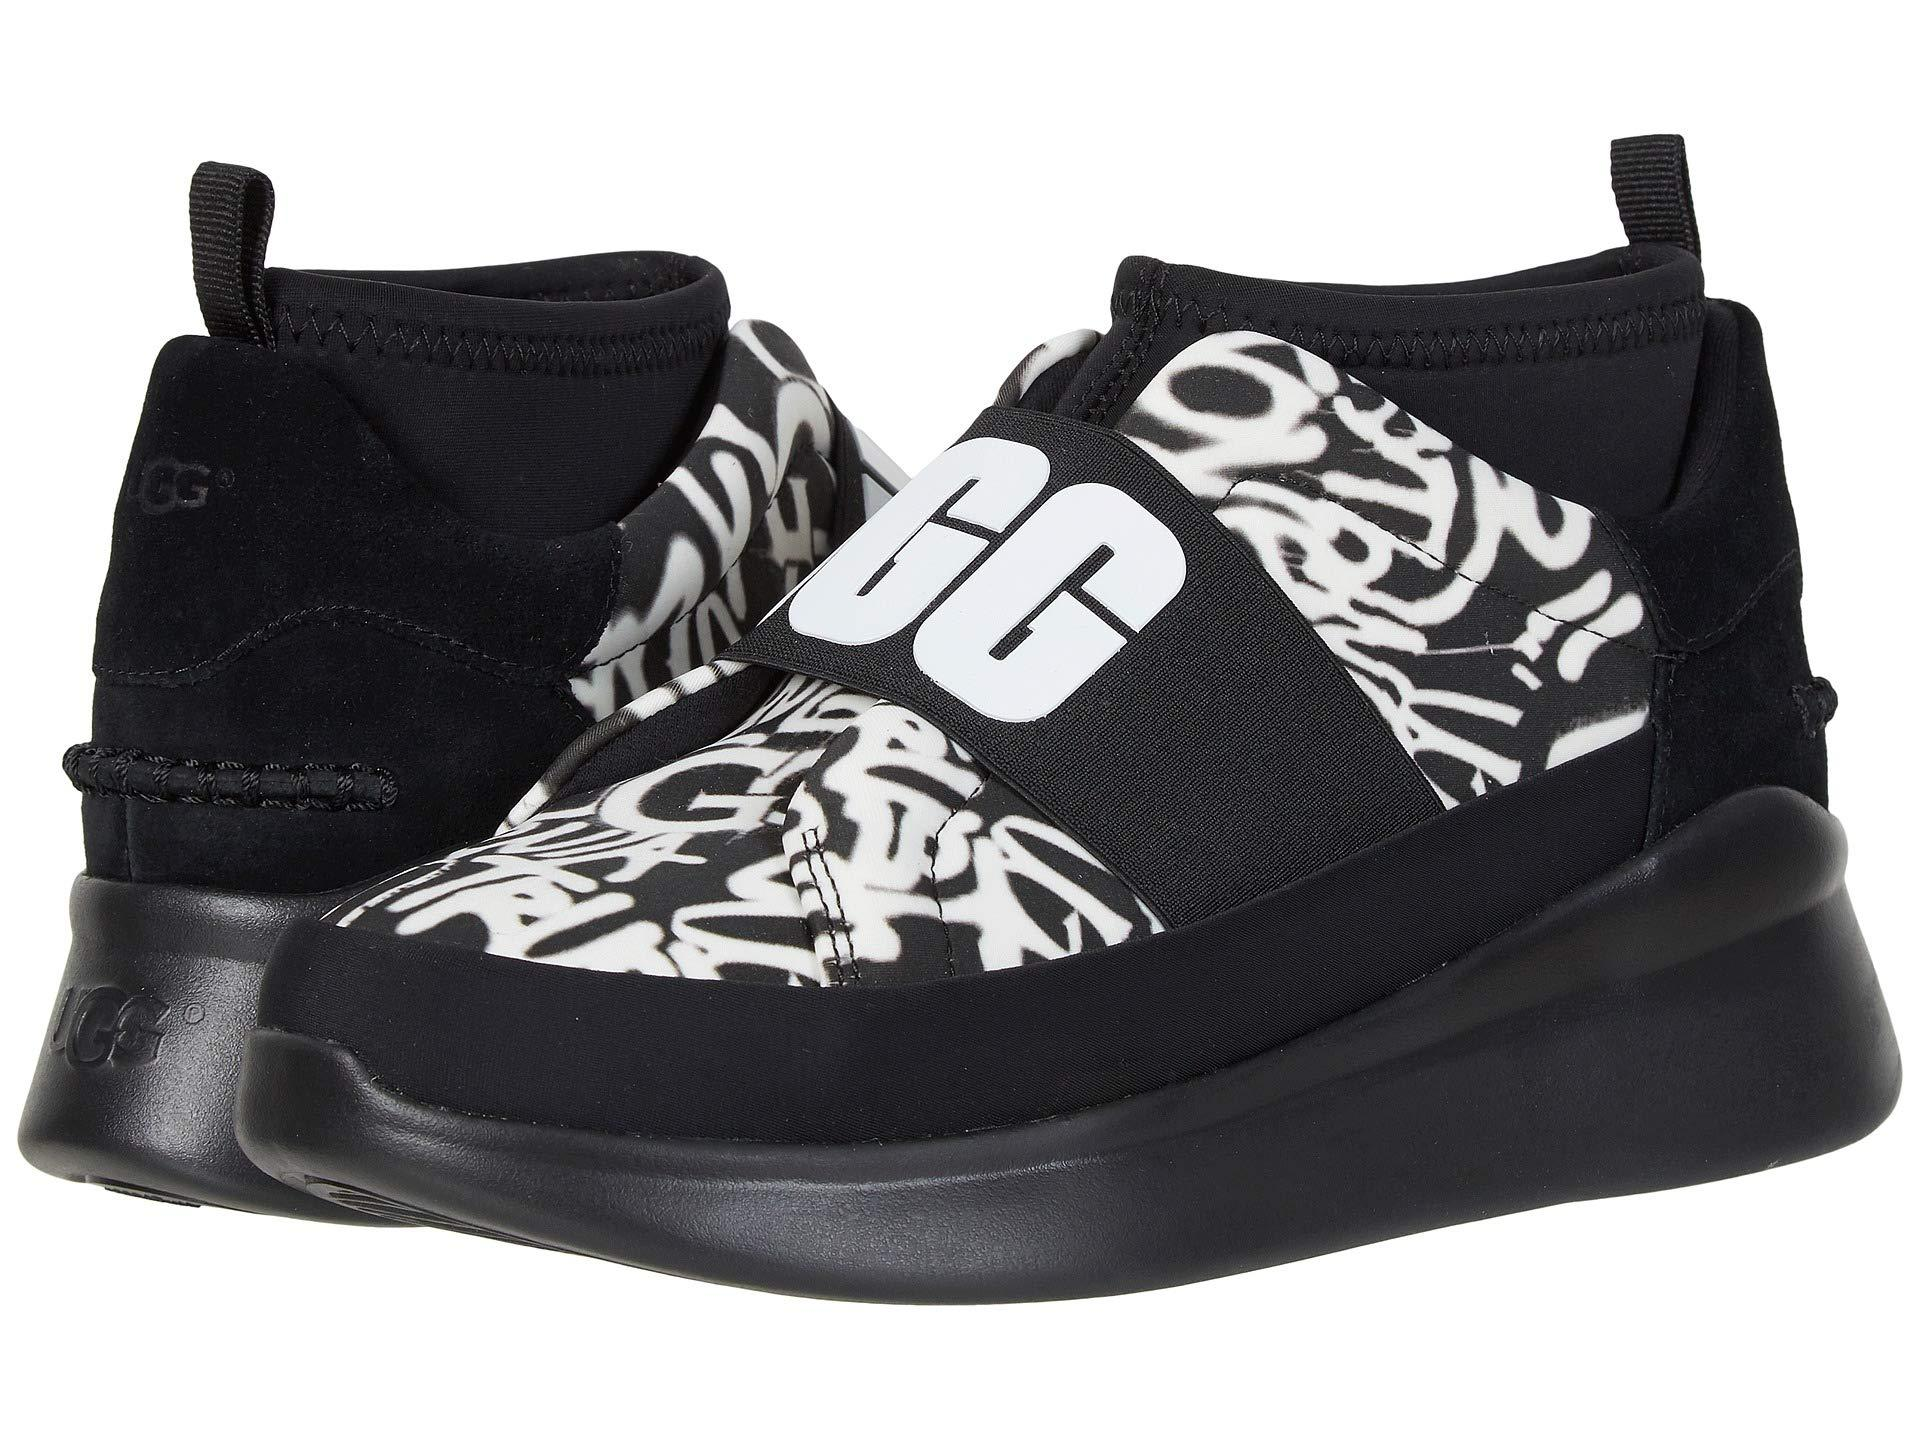 f3141346493 Women's Black Neutra Sneaker